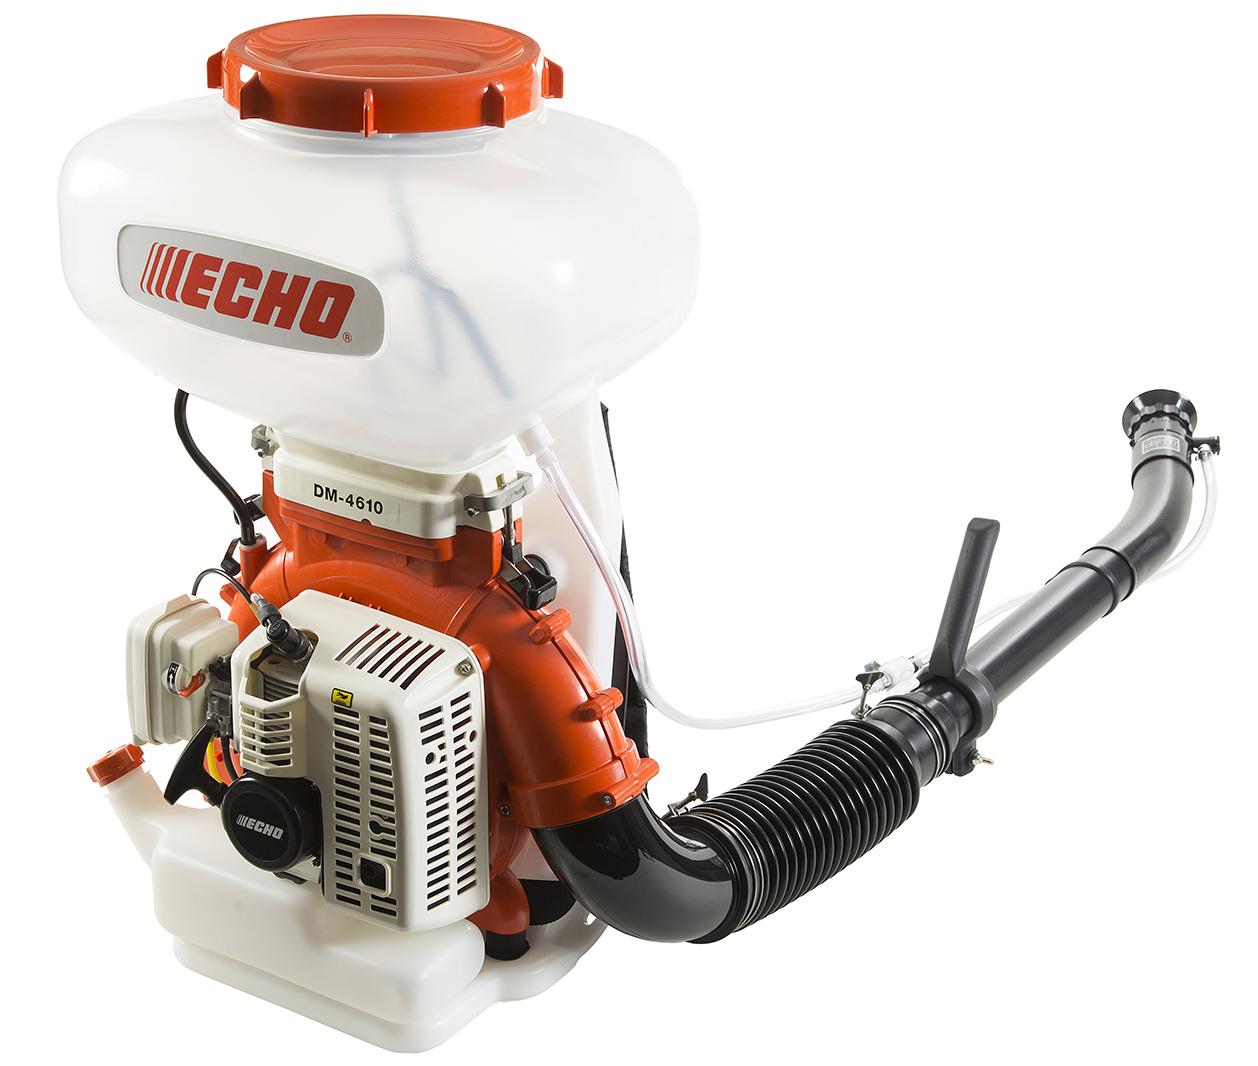 Опрыскиватель Echo Dm-4610 распылитель бензиновый - это выгодное решение. Вы знаете, что заказать продукцию бренда Echo - это выгодно и недорого.